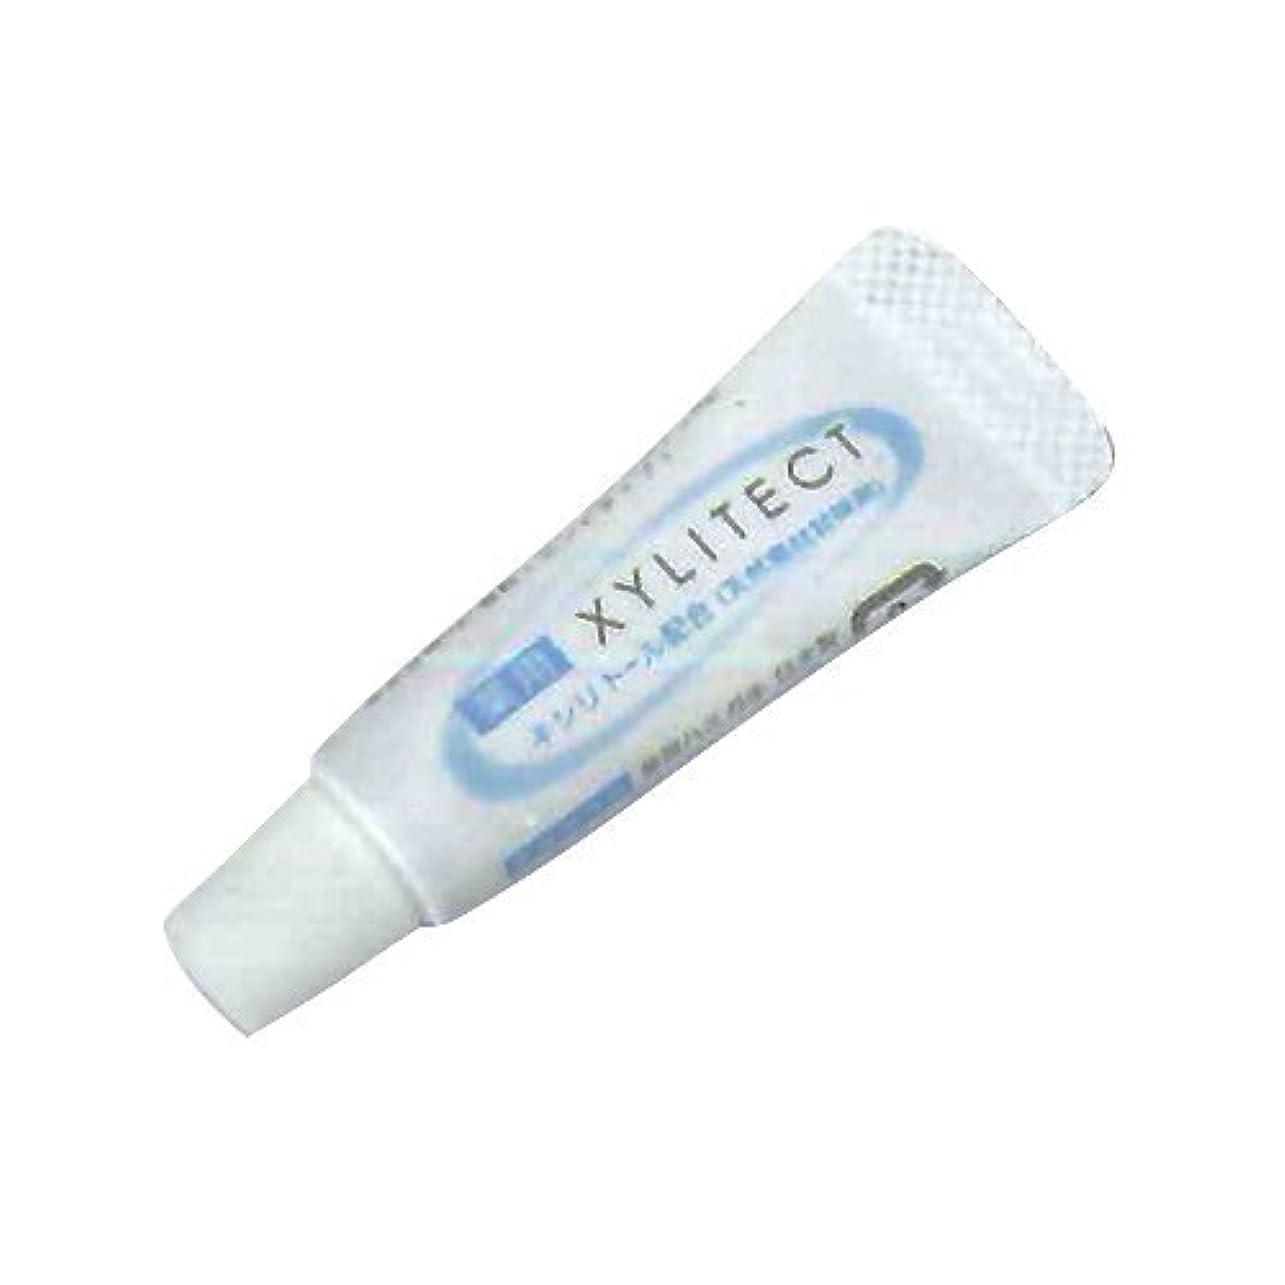 割り当てる体系的に犯罪業務用歯磨き粉 薬用キシリテクト (XYLITECT) 4.5g (個包装タイプ) | ホテルアメニティ ハミガキ toothpaste